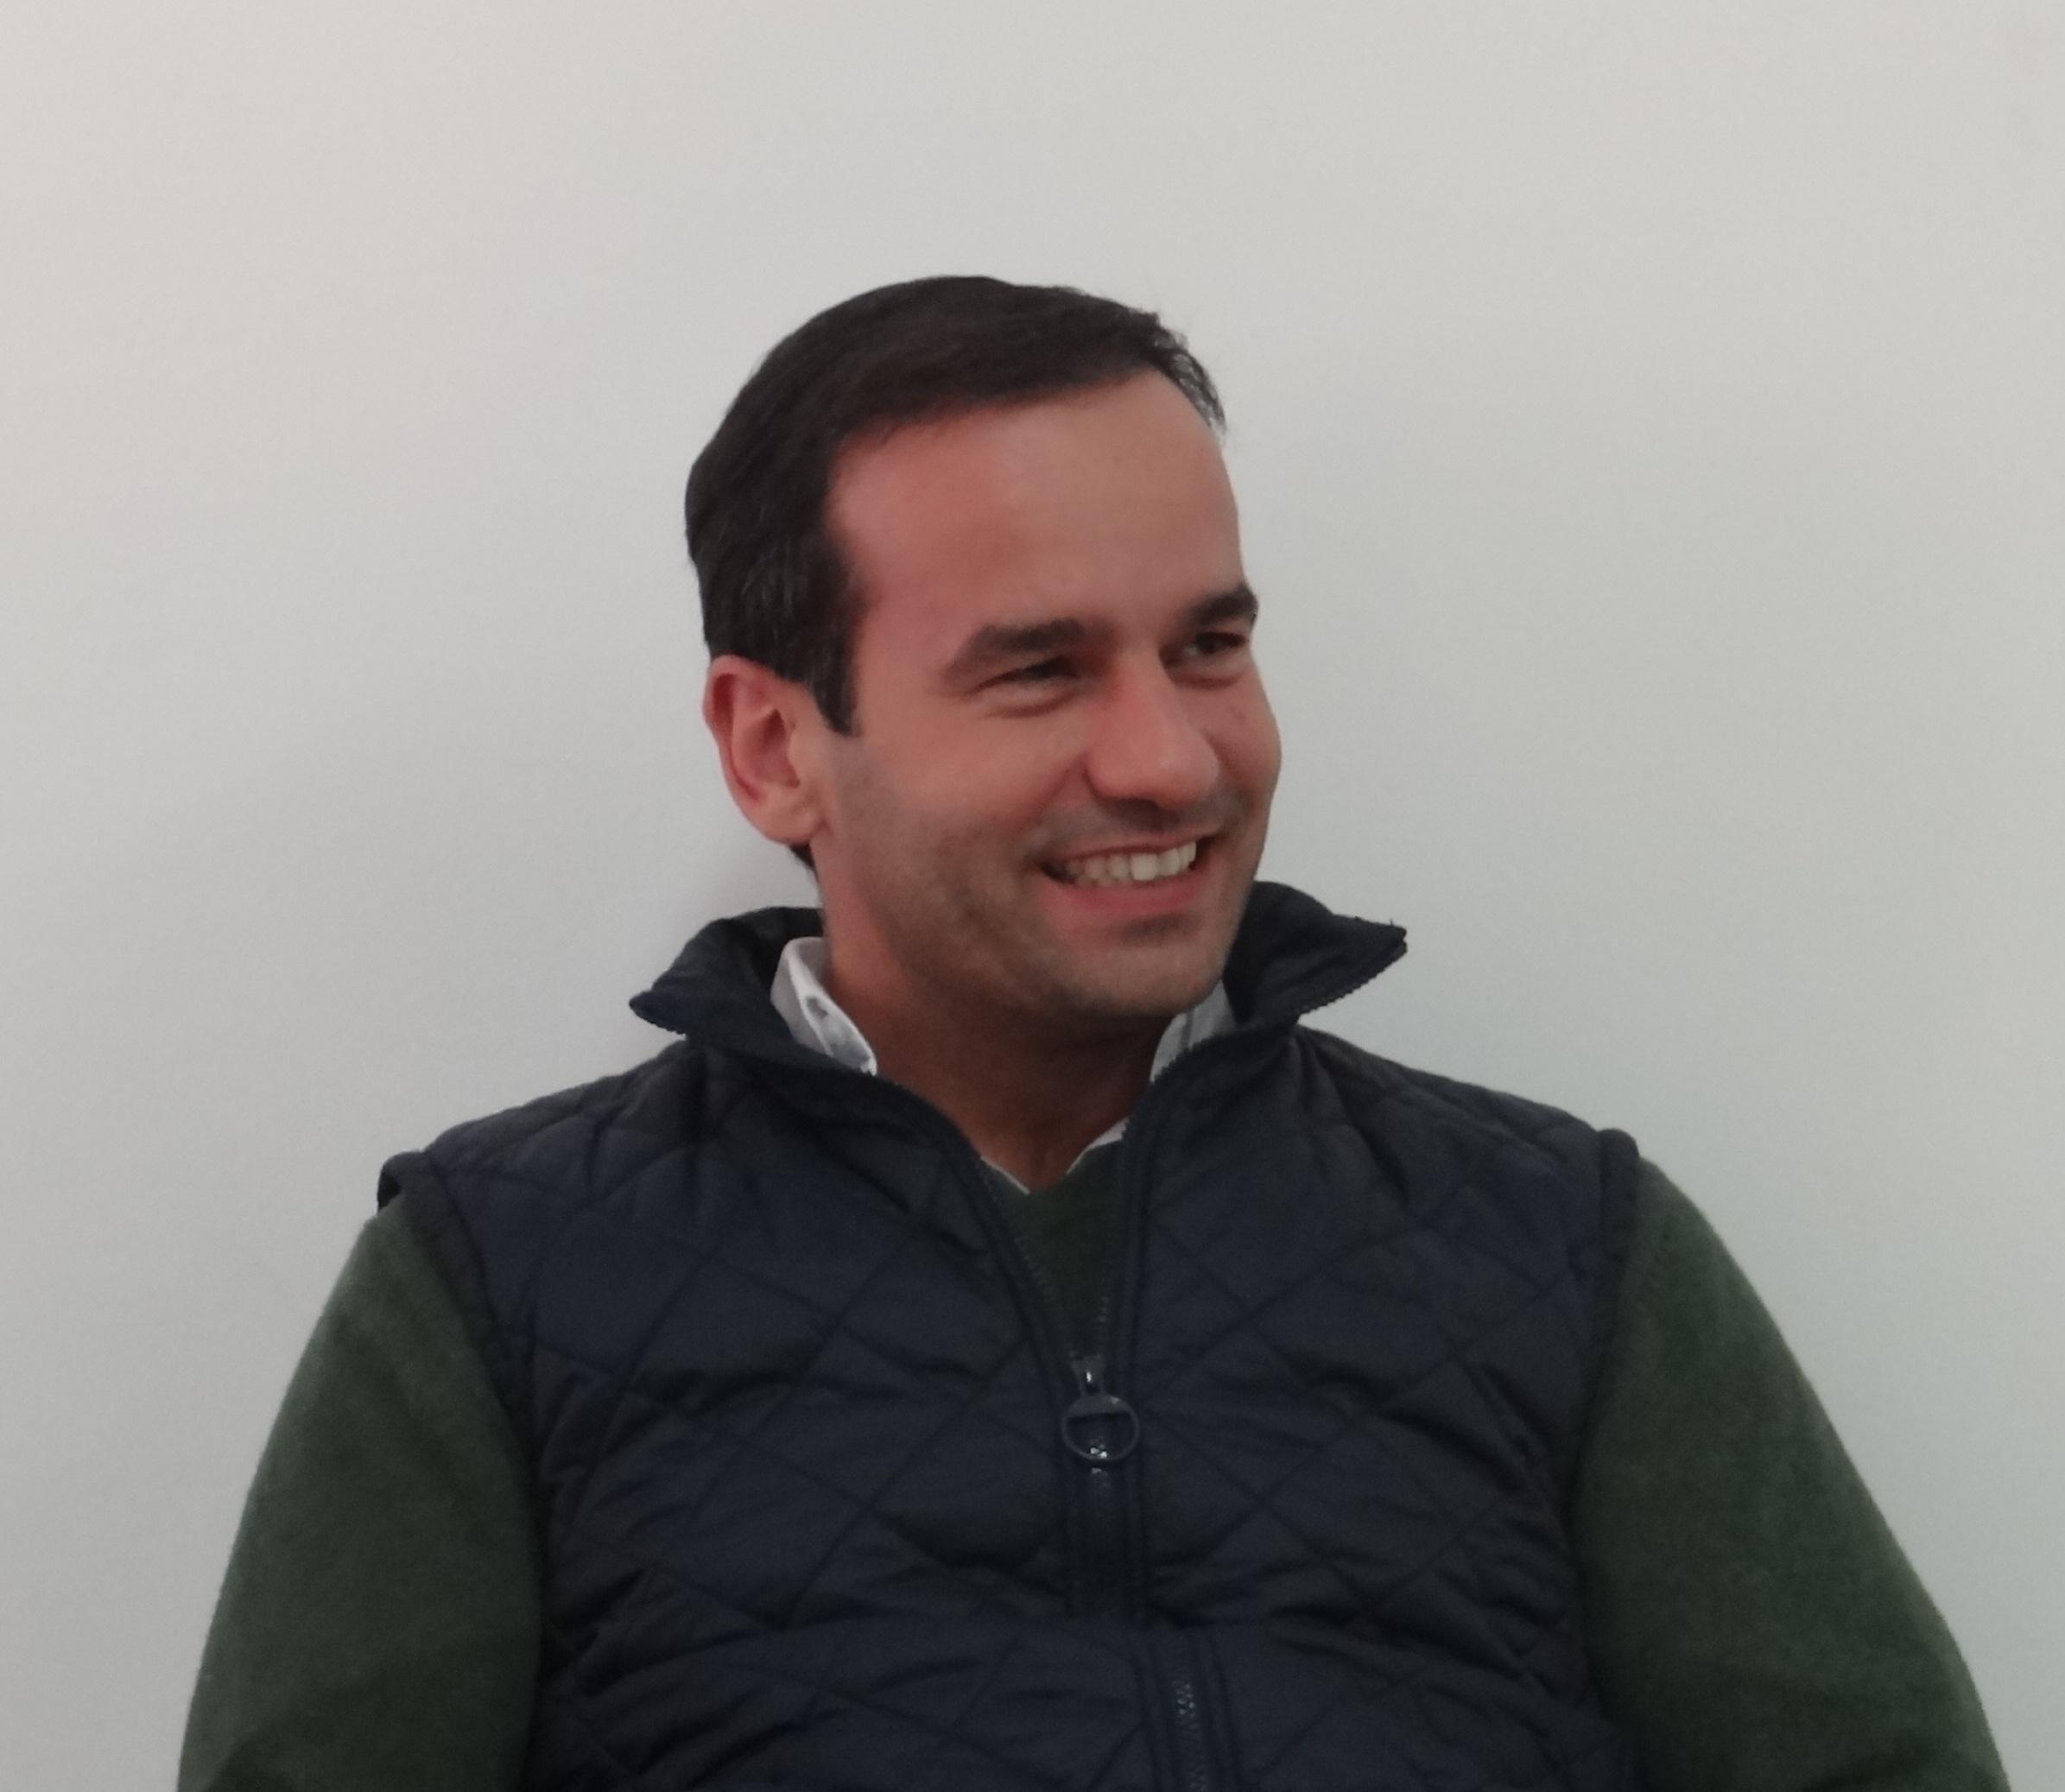 David M. Baptista